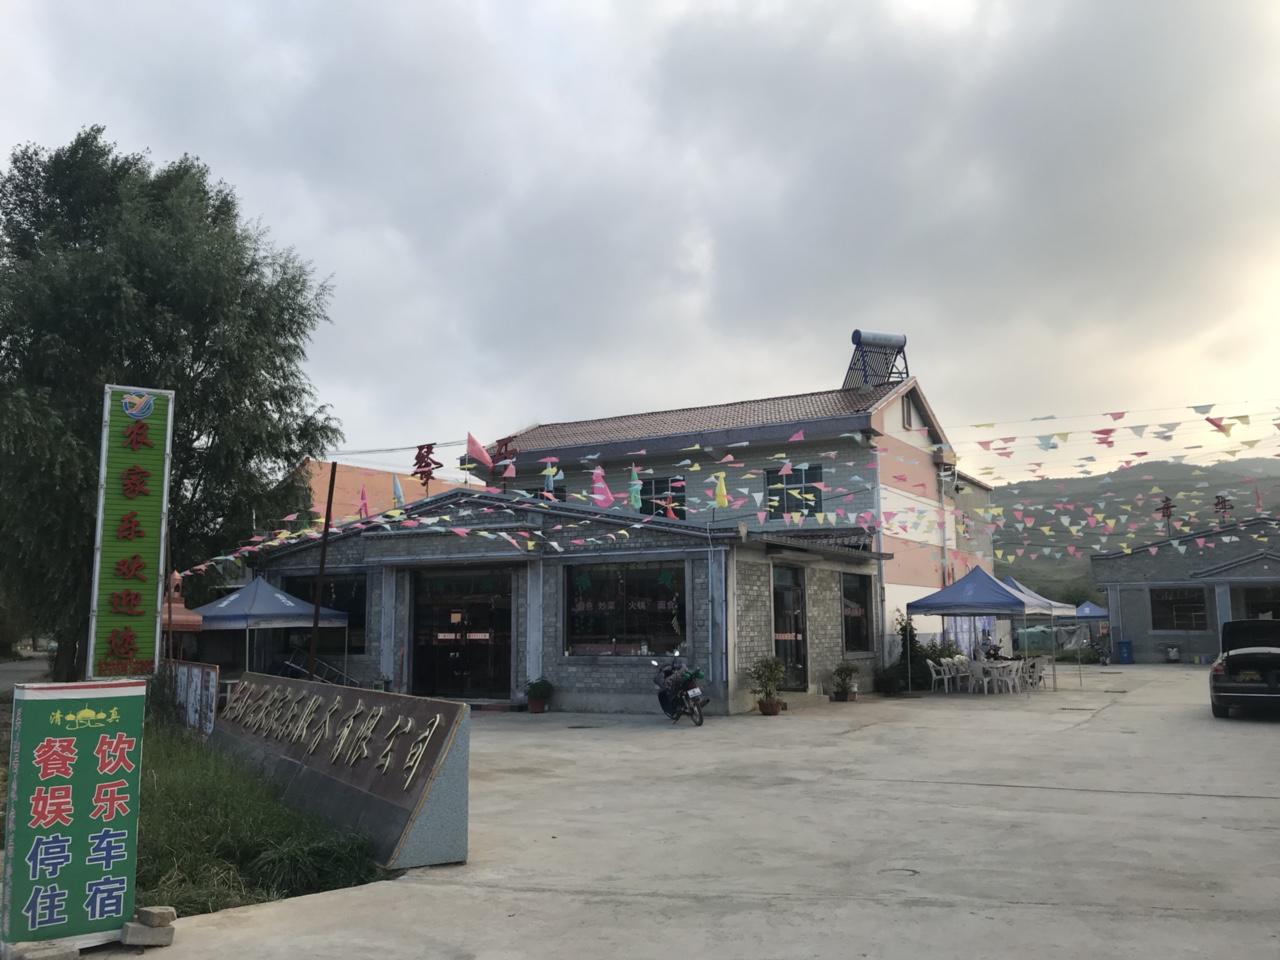 陕甘两省游客情有独钟关山云农家乐